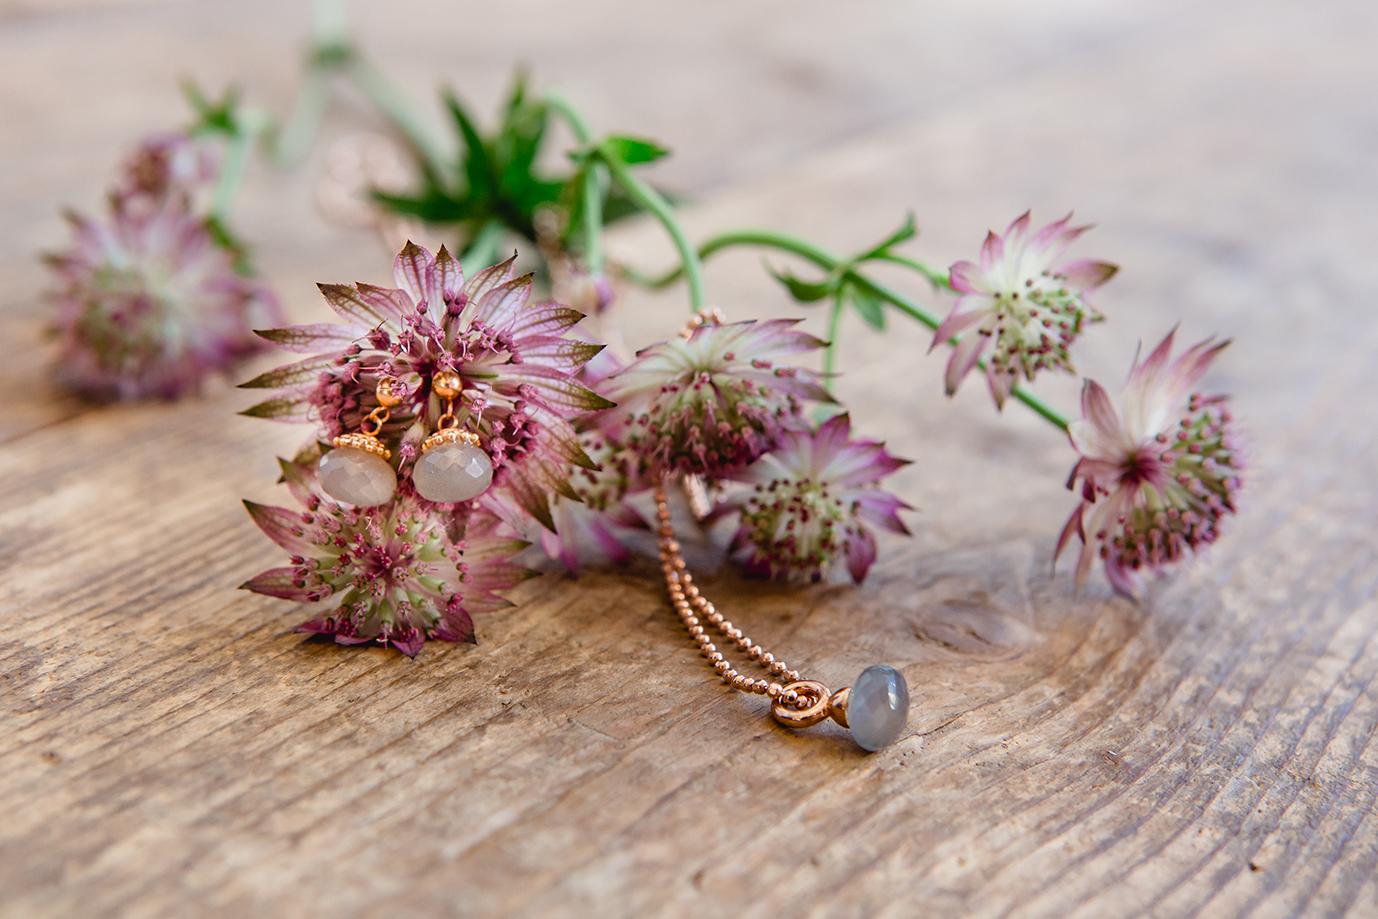 Handgefertigter Schmuck und Blumen